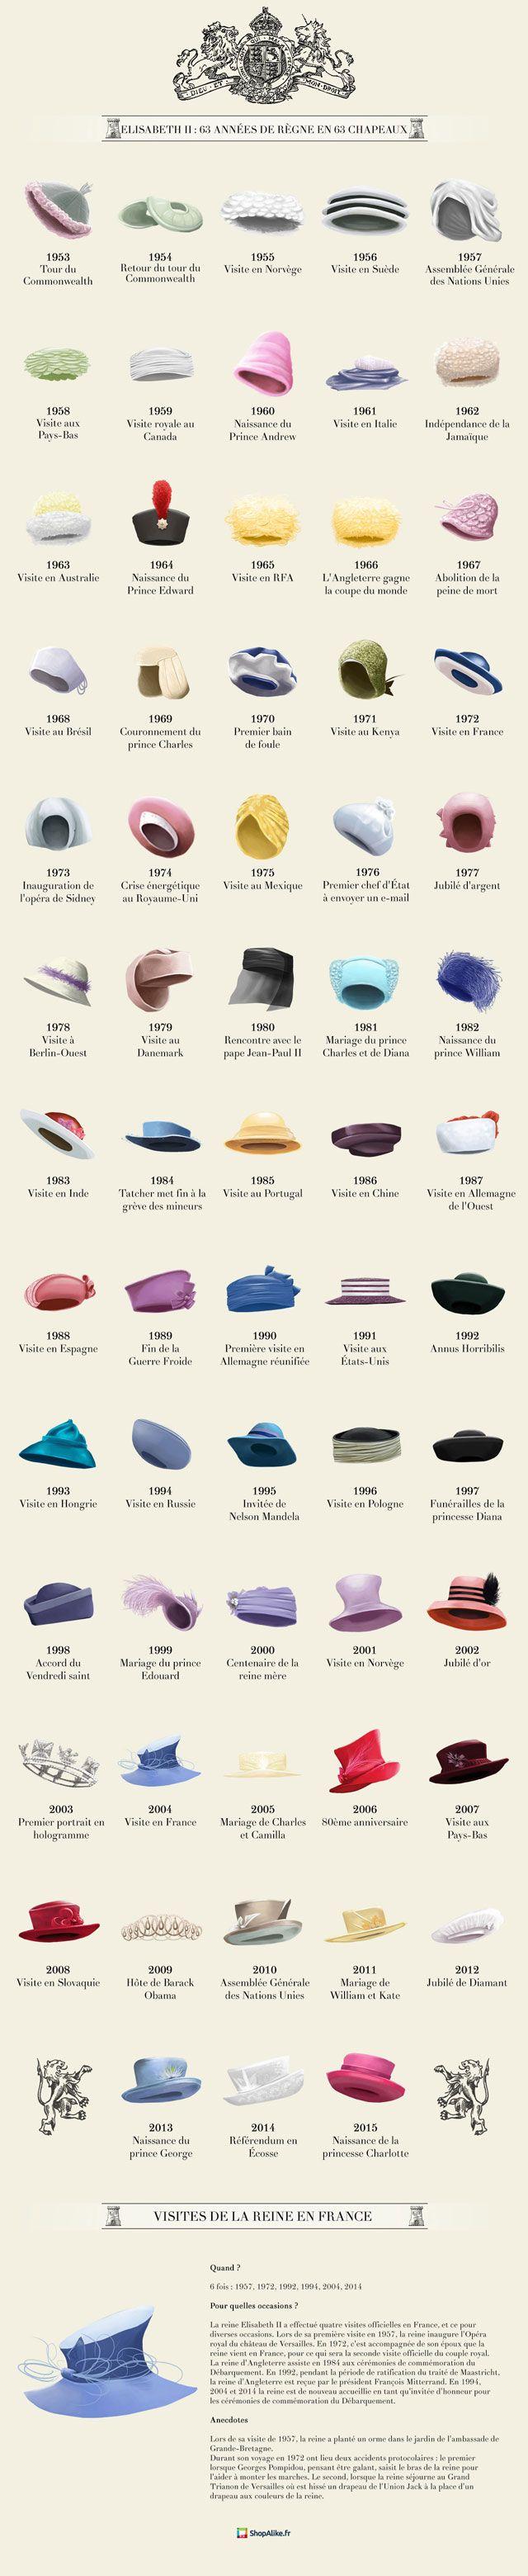 Infographie : les 63 ans de règne d'Elisabeth II en 63 chapeaux | Glamour